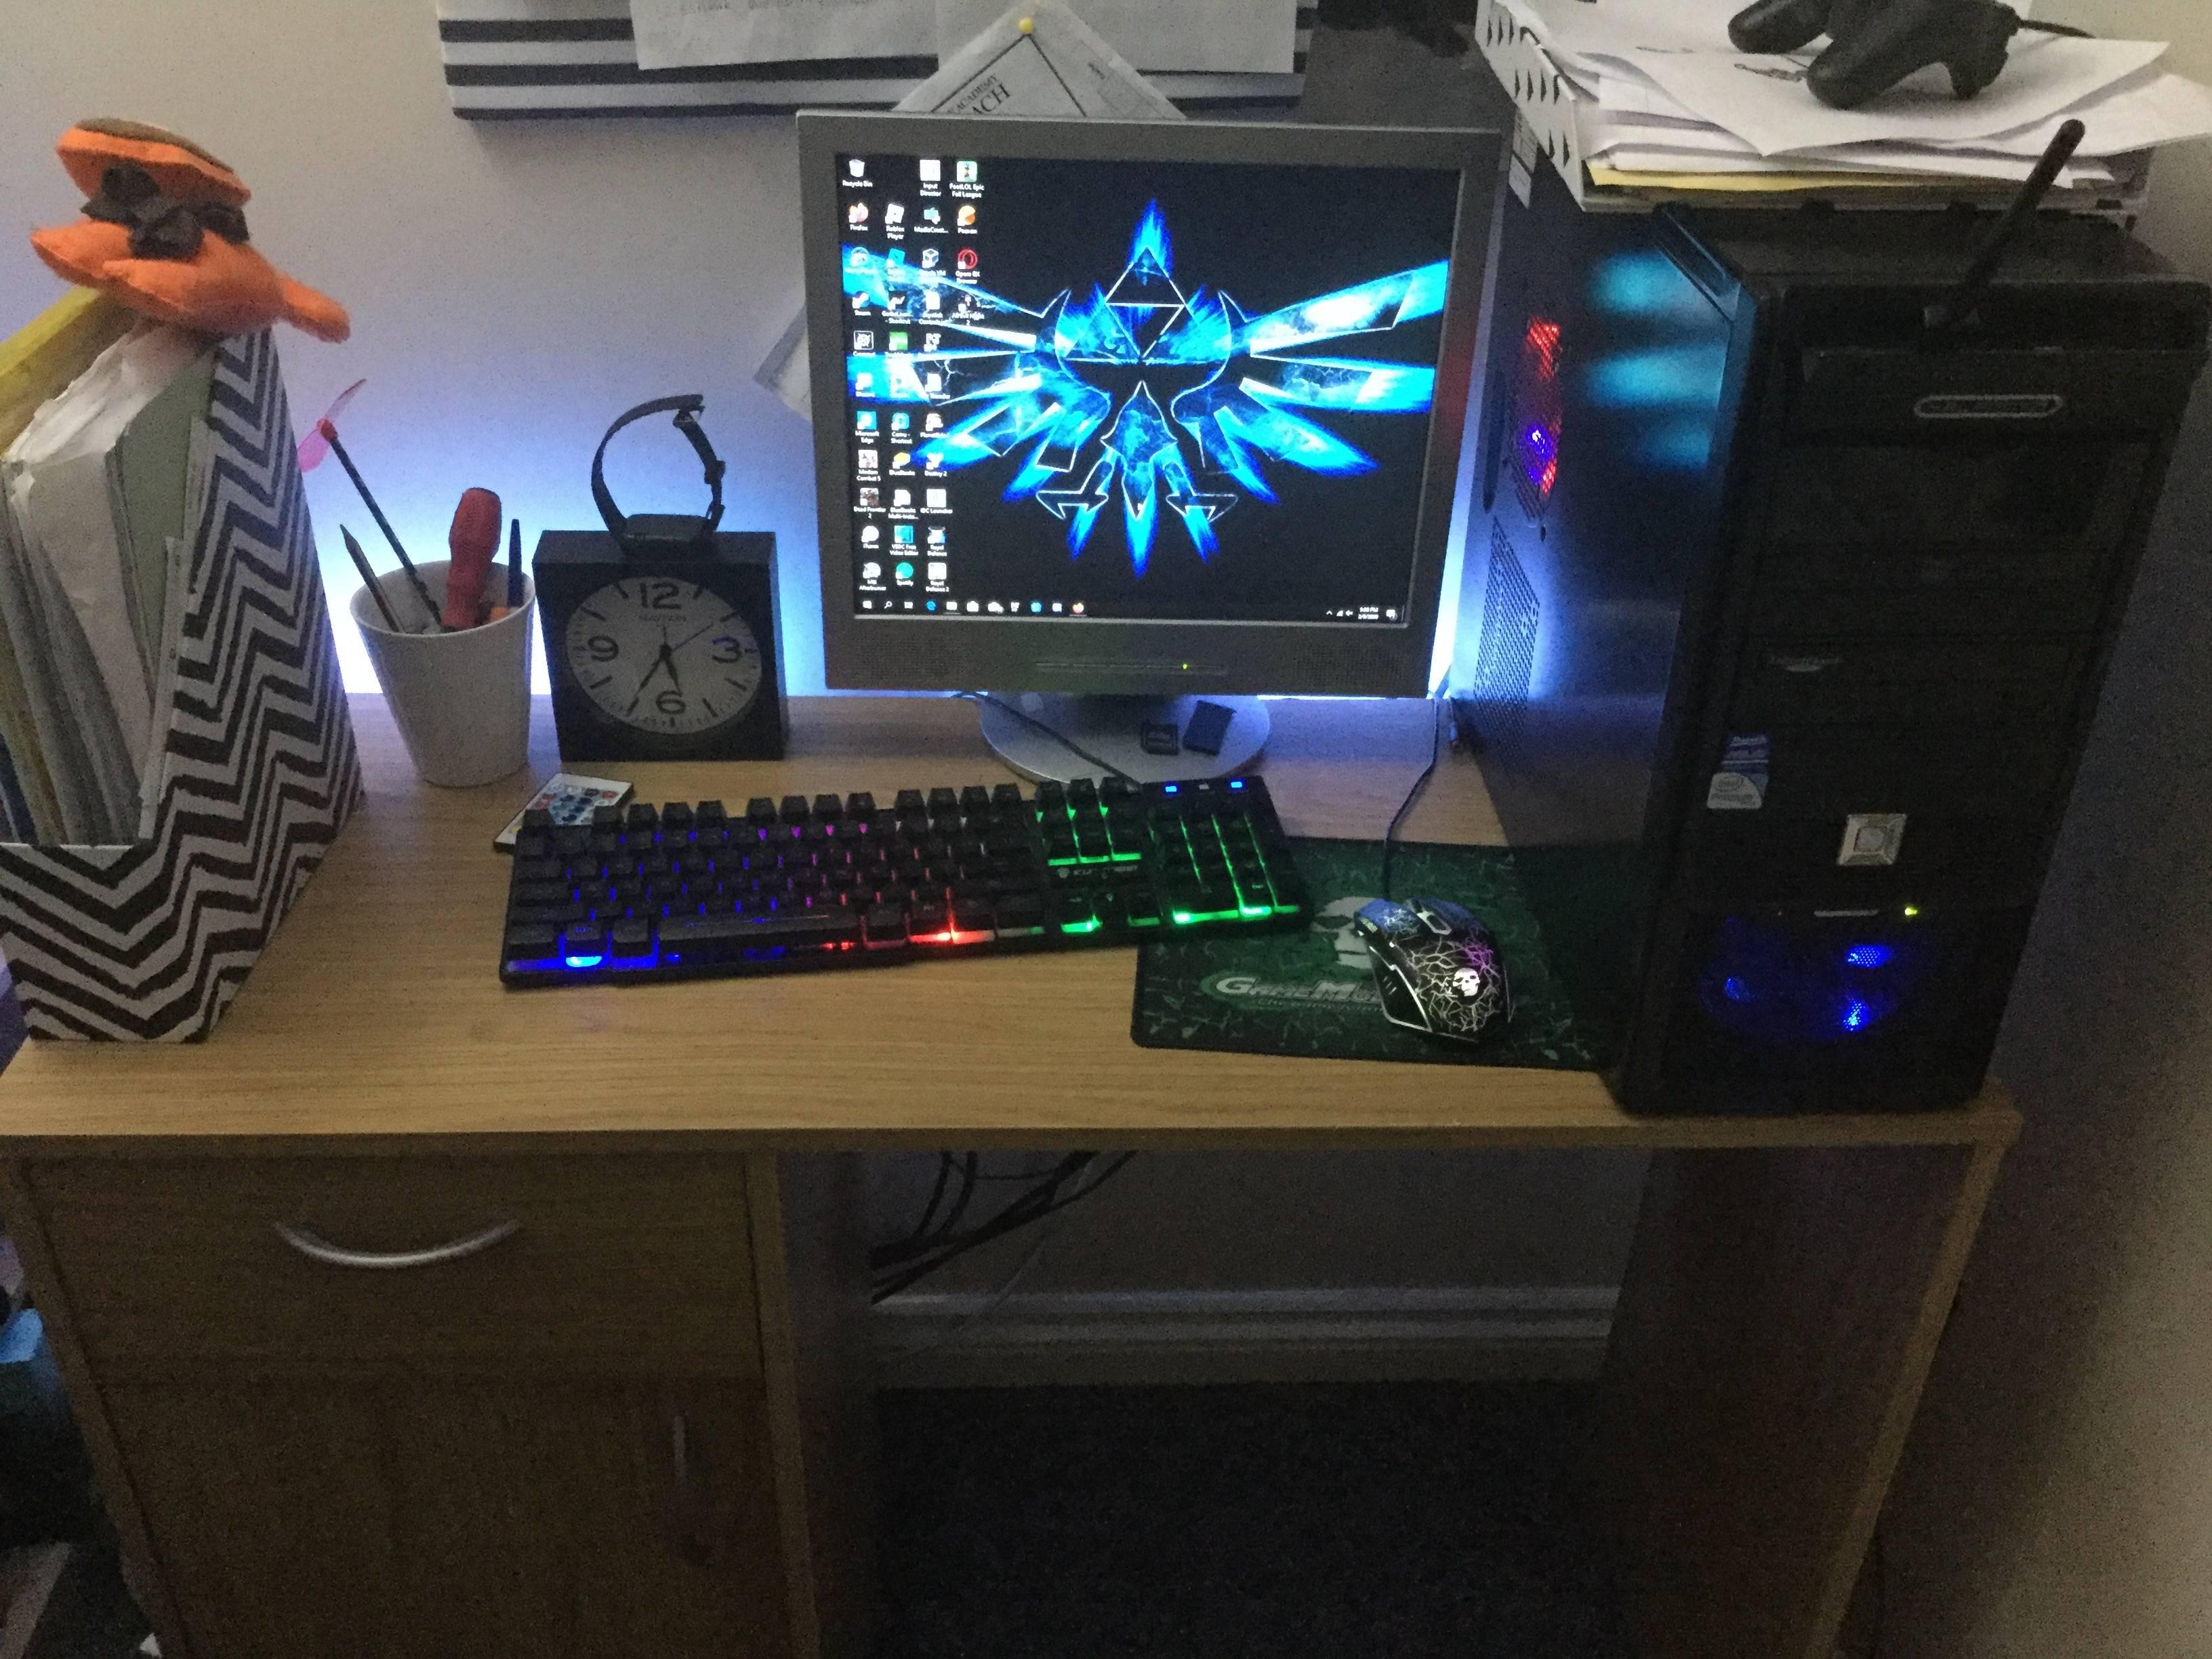 D4rkDreams's Setup - Budget setup   Scooget